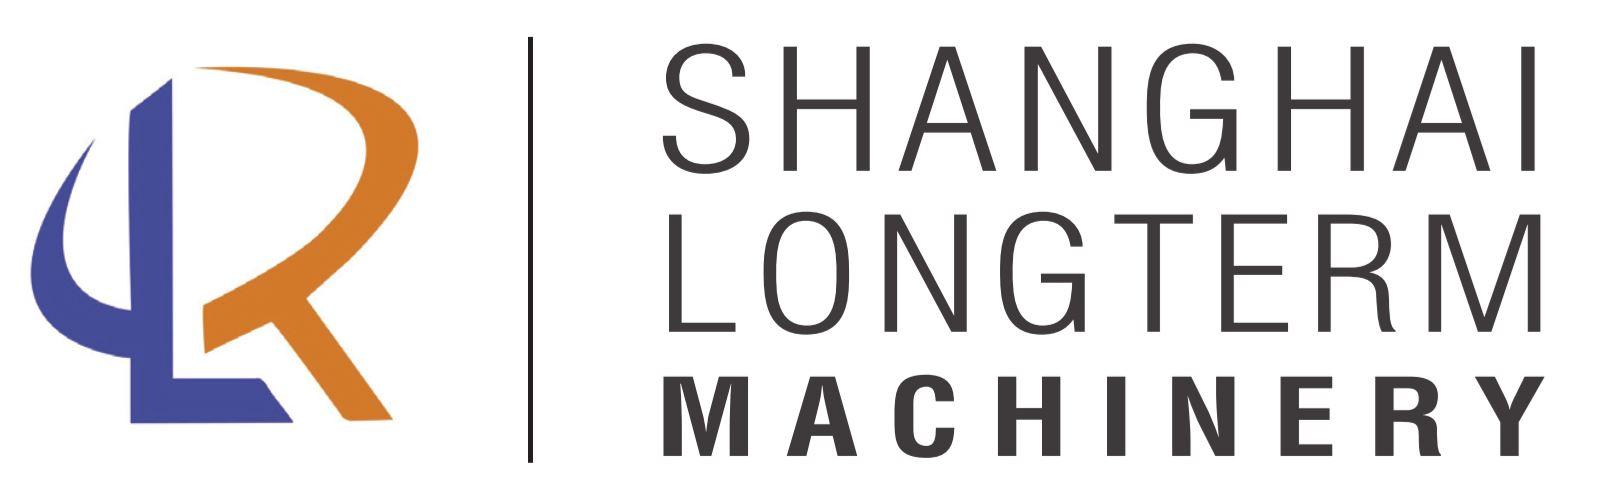 Shanghai Longerm